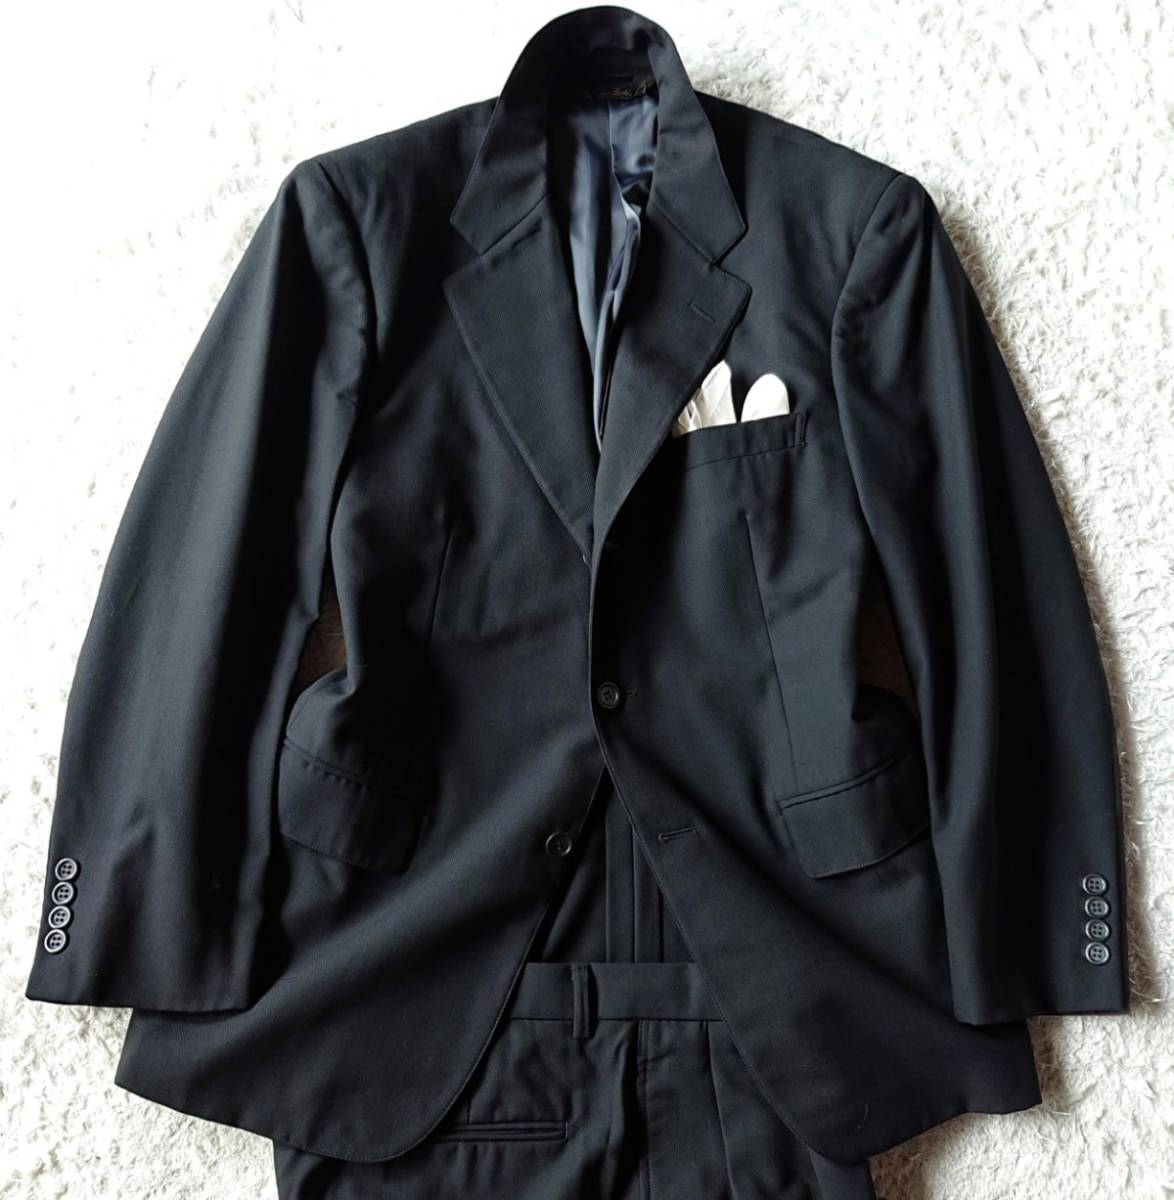 高級ピュアニューウール100% 日本製 予備パンツ付き★ ブルックス ブラザーズ スーツ セットアップ メンズ ブラック 黒 ビジネス 背抜き_画像2